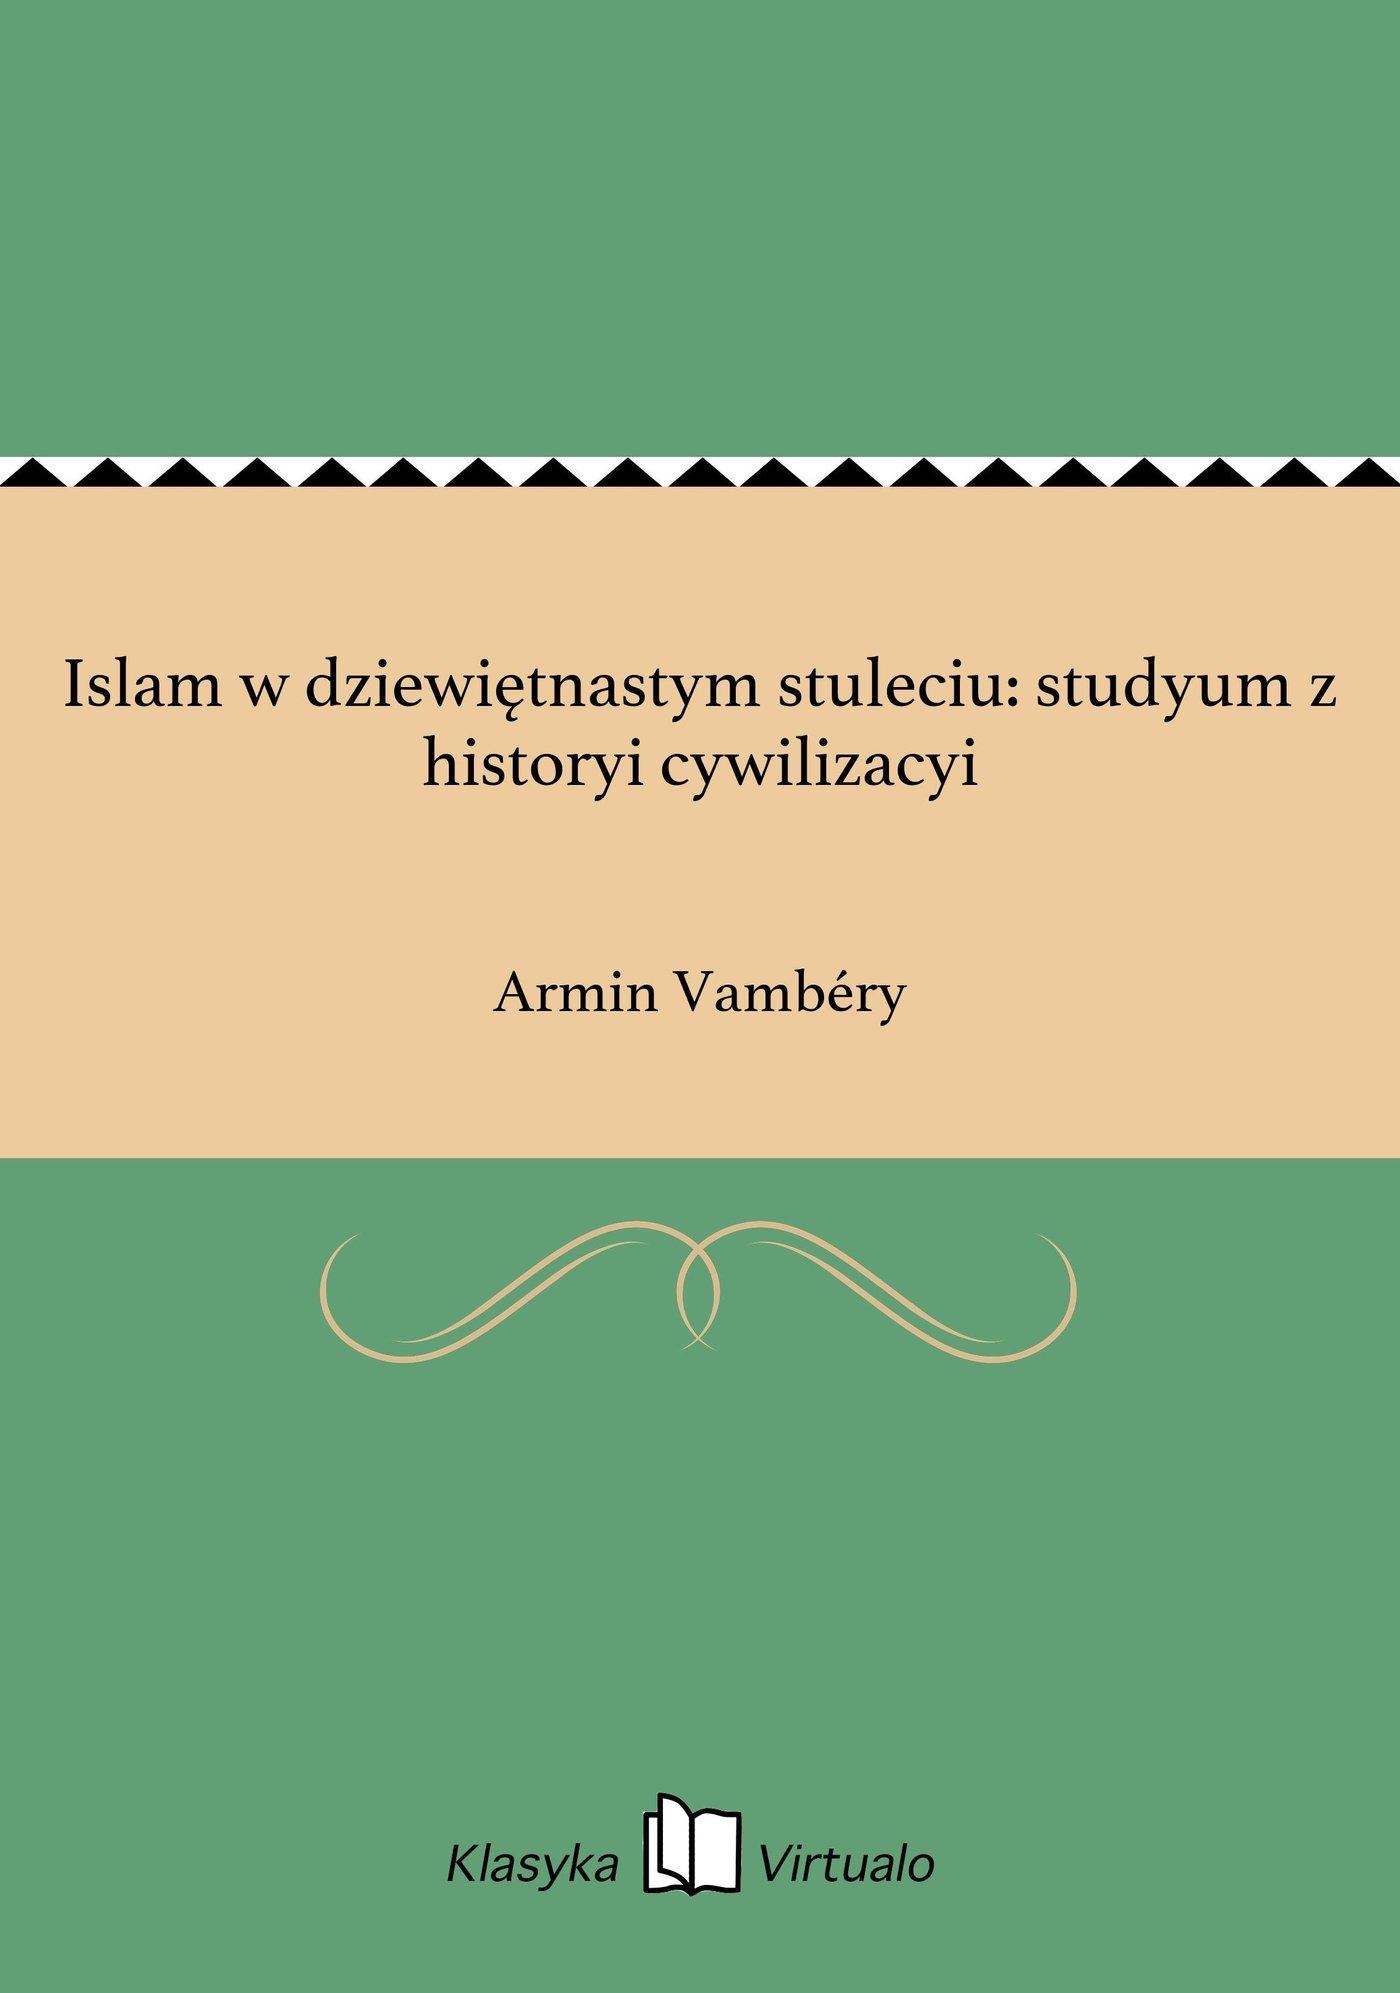 Islam w dziewiętnastym stuleciu: studyum z historyi cywilizacyi - Ebook (Książka EPUB) do pobrania w formacie EPUB